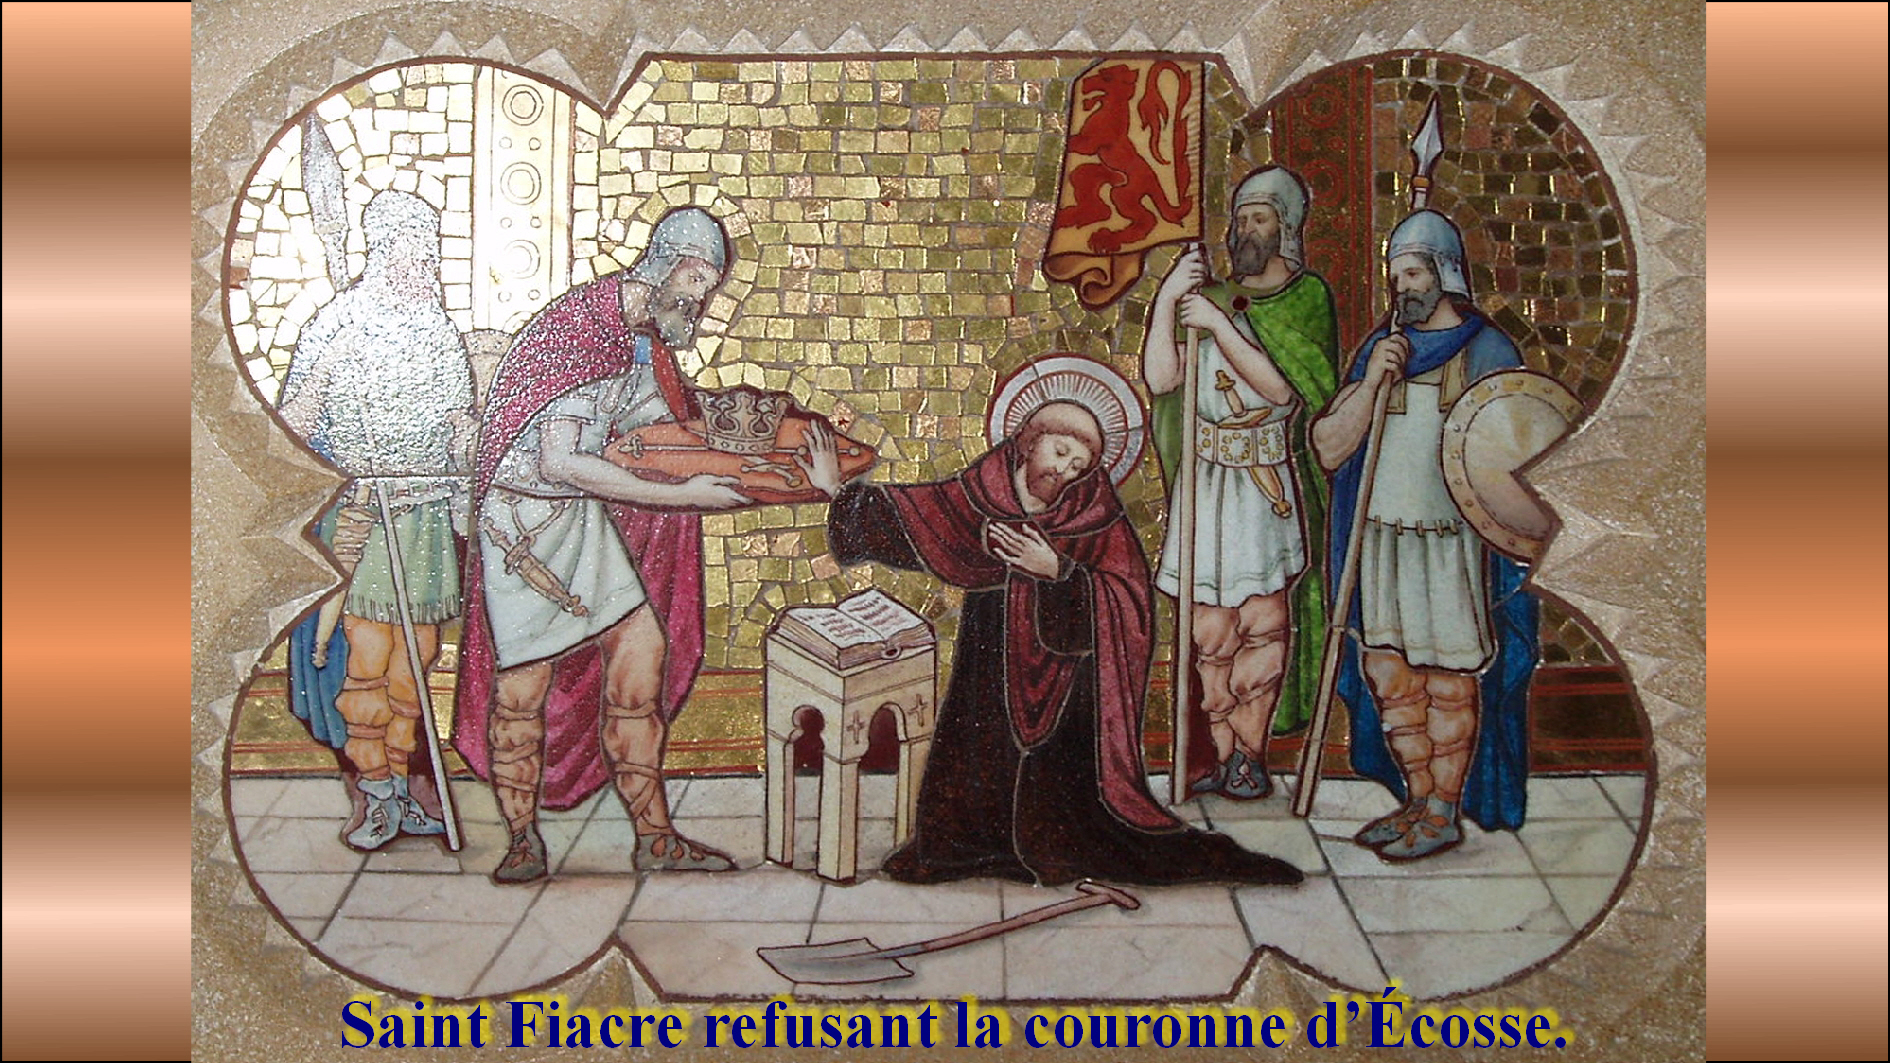 CALENDRIER CATHOLIQUE 2019 (Cantiques, Prières & Images) - Page 7 St-fiacre-568384b